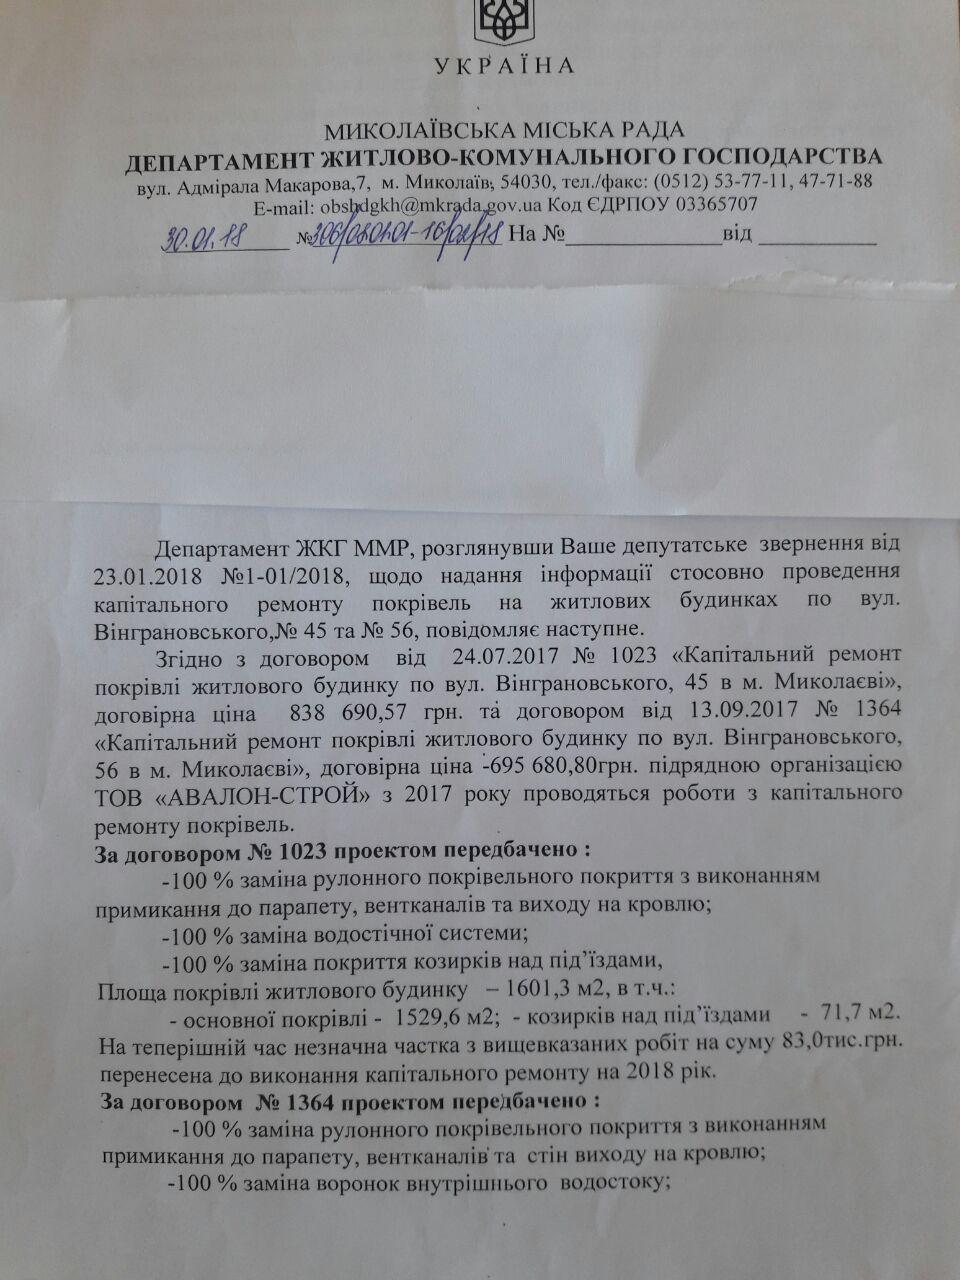 Репина подняли на смех на бюджетной комиссии из-за «схем» с ремонтом крыш в Николаеве (ВИДЕО)